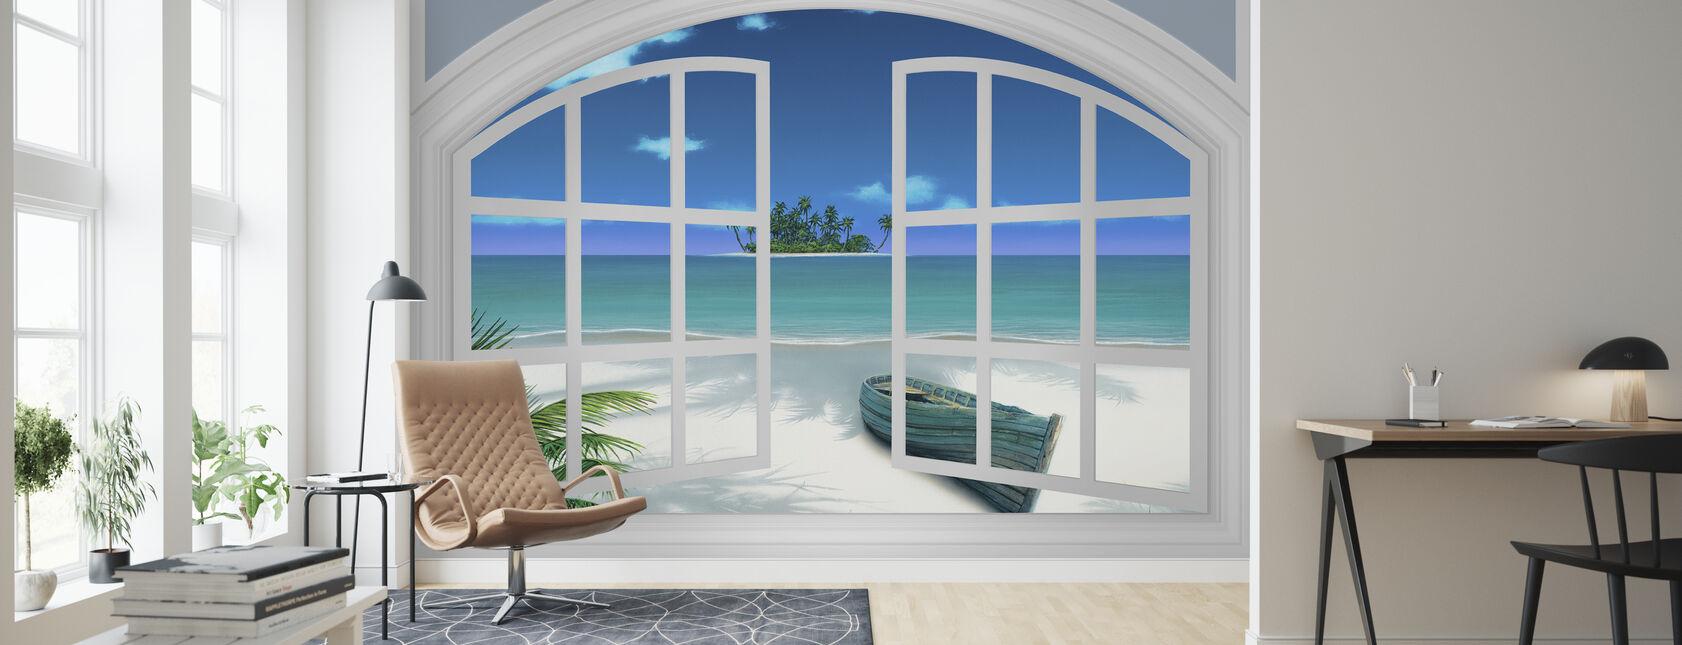 Blick auf den Strand durch Fenster - Tapete - Wohnzimmer